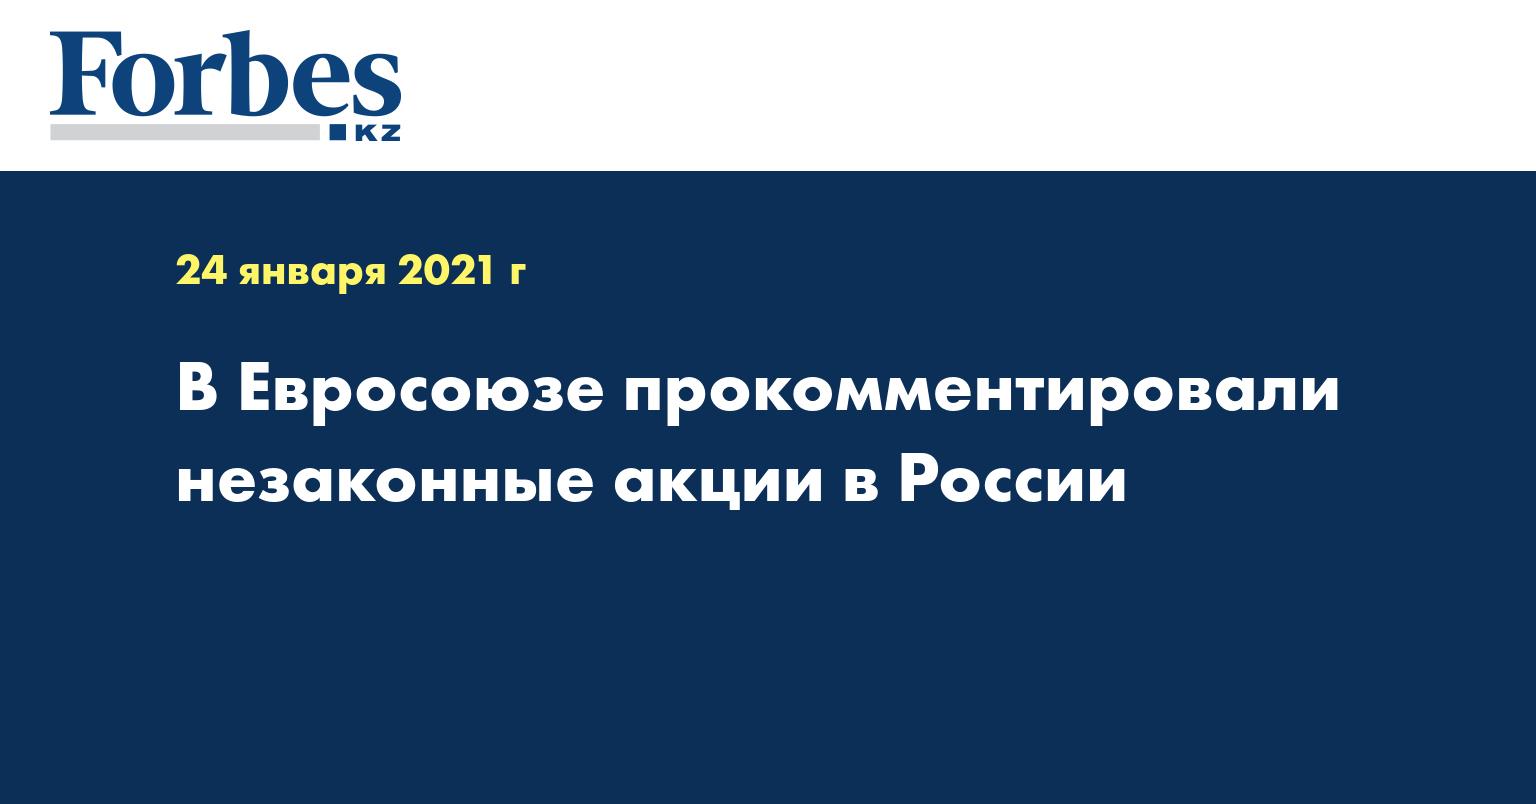 В Евросоюзе прокомментировали незаконные акции в России